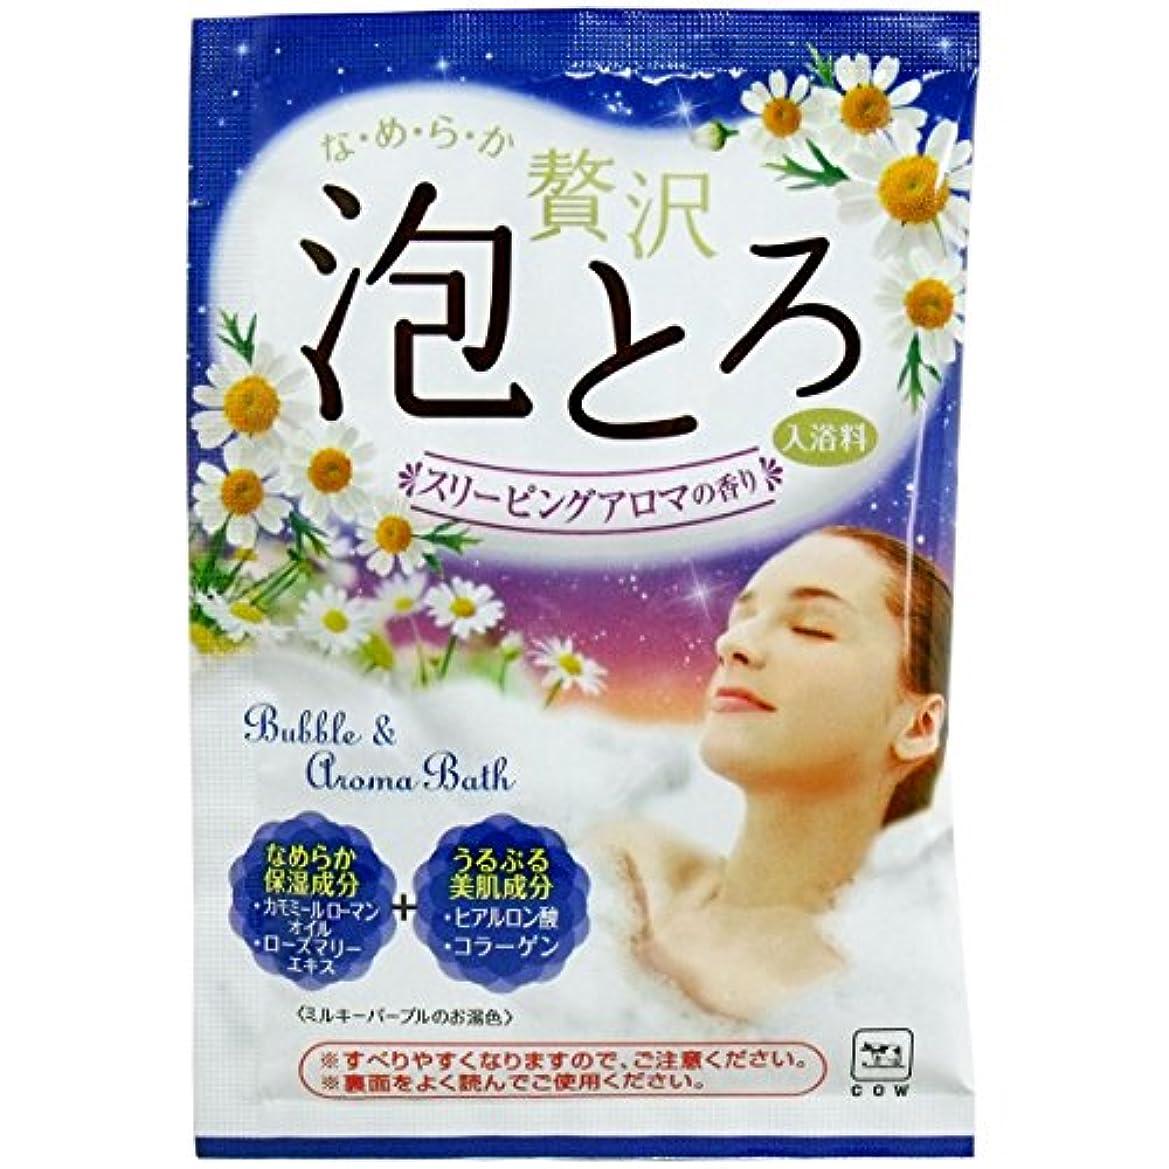 情熱的セントヒューム贅沢泡とろ 入浴料 スリーピングアロマの香り 30g 【4点セット】